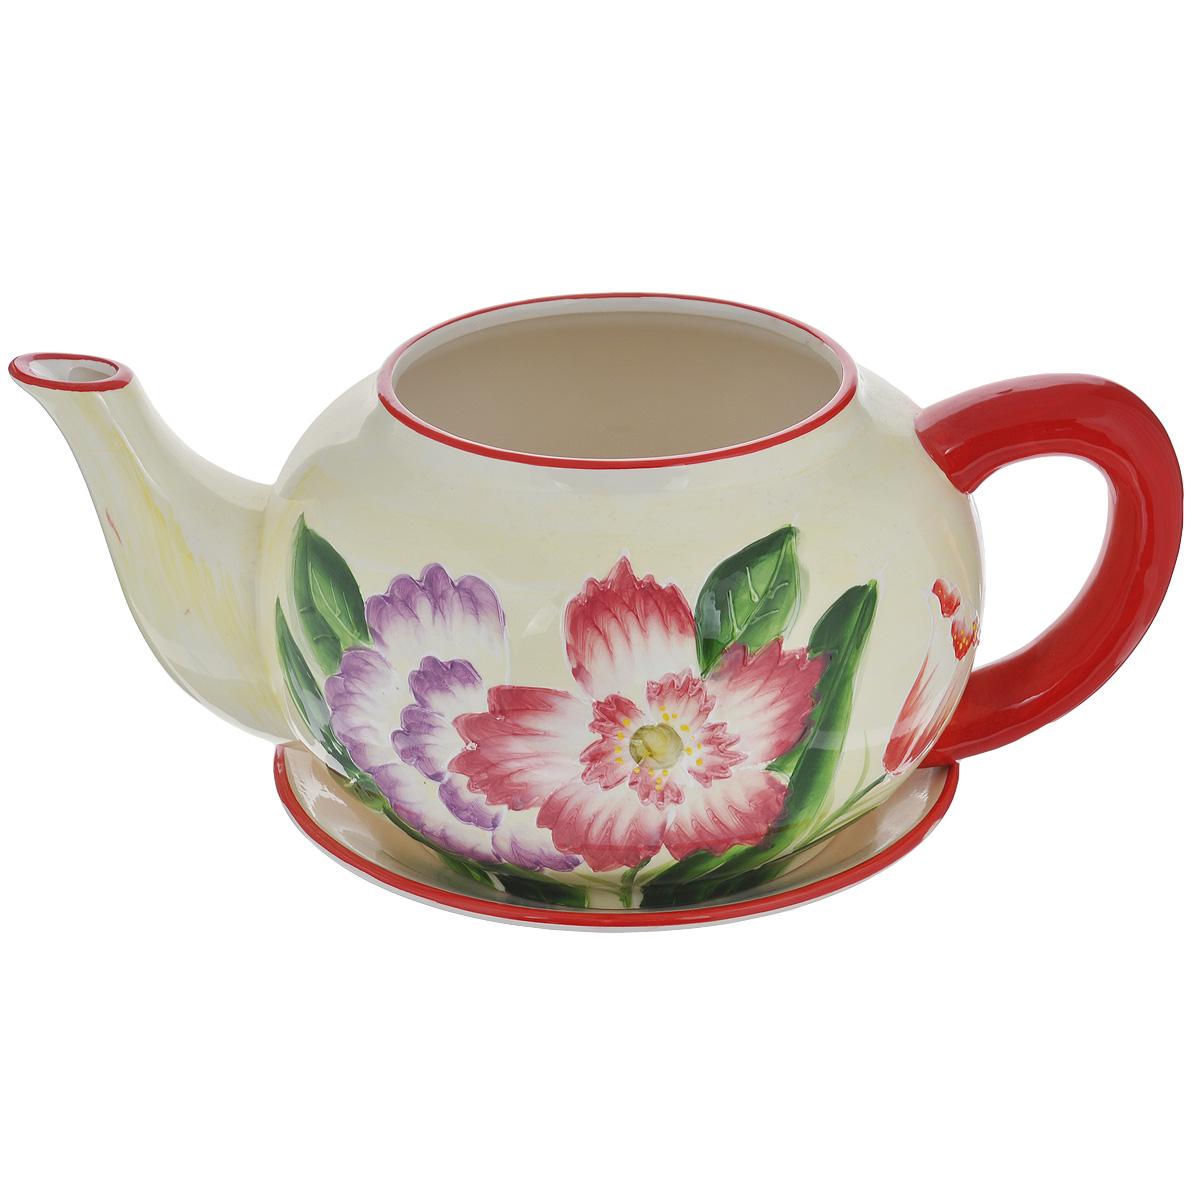 Кашпо Lillo Яркие цветы, с поддоном. XY10S012CGPS10-09-WКашпо-горшок для цветов Lillo Яркие цветы выполнен из прочной керамики в виде заварочного чайника с блюдцем. Изделие предназначено для цветов.Такие изделия часто становятся последним штрихом, который совершенно изменяет интерьер помещения или ландшафтный дизайн сада. Благодаря такому кашпо вы сможете украсить вашу комнату, офис, сад и другие места. Изделие оснащено специальным поддоном - блюдцем.Диаметр кашпо по верхнему краю: 14,5 см.Высота кашпо (без учета поддона): 16 см.Диаметр поддона: 23 см.